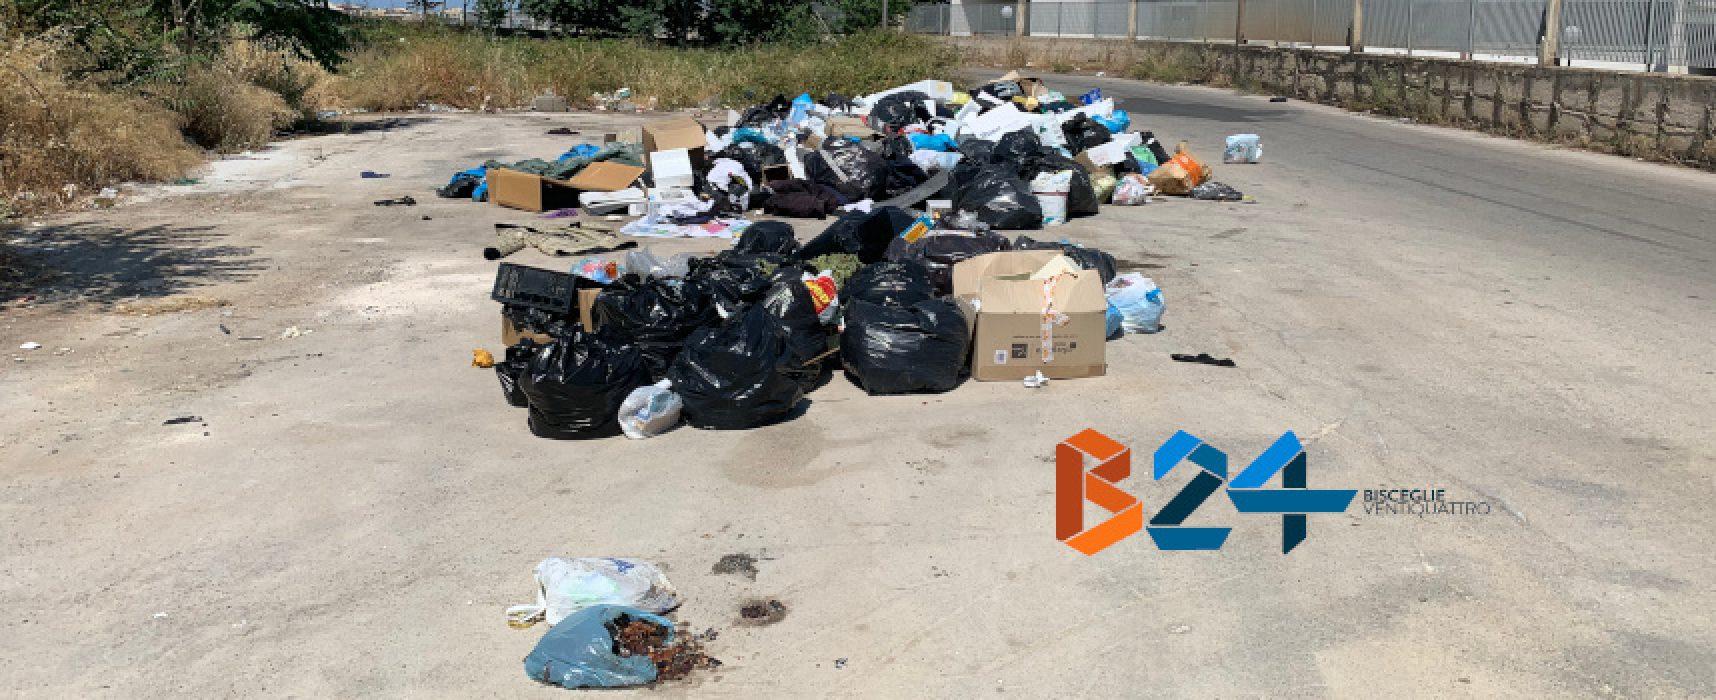 Abbandono illegale di rifiuti, un fenomeno che persiste /FOTO